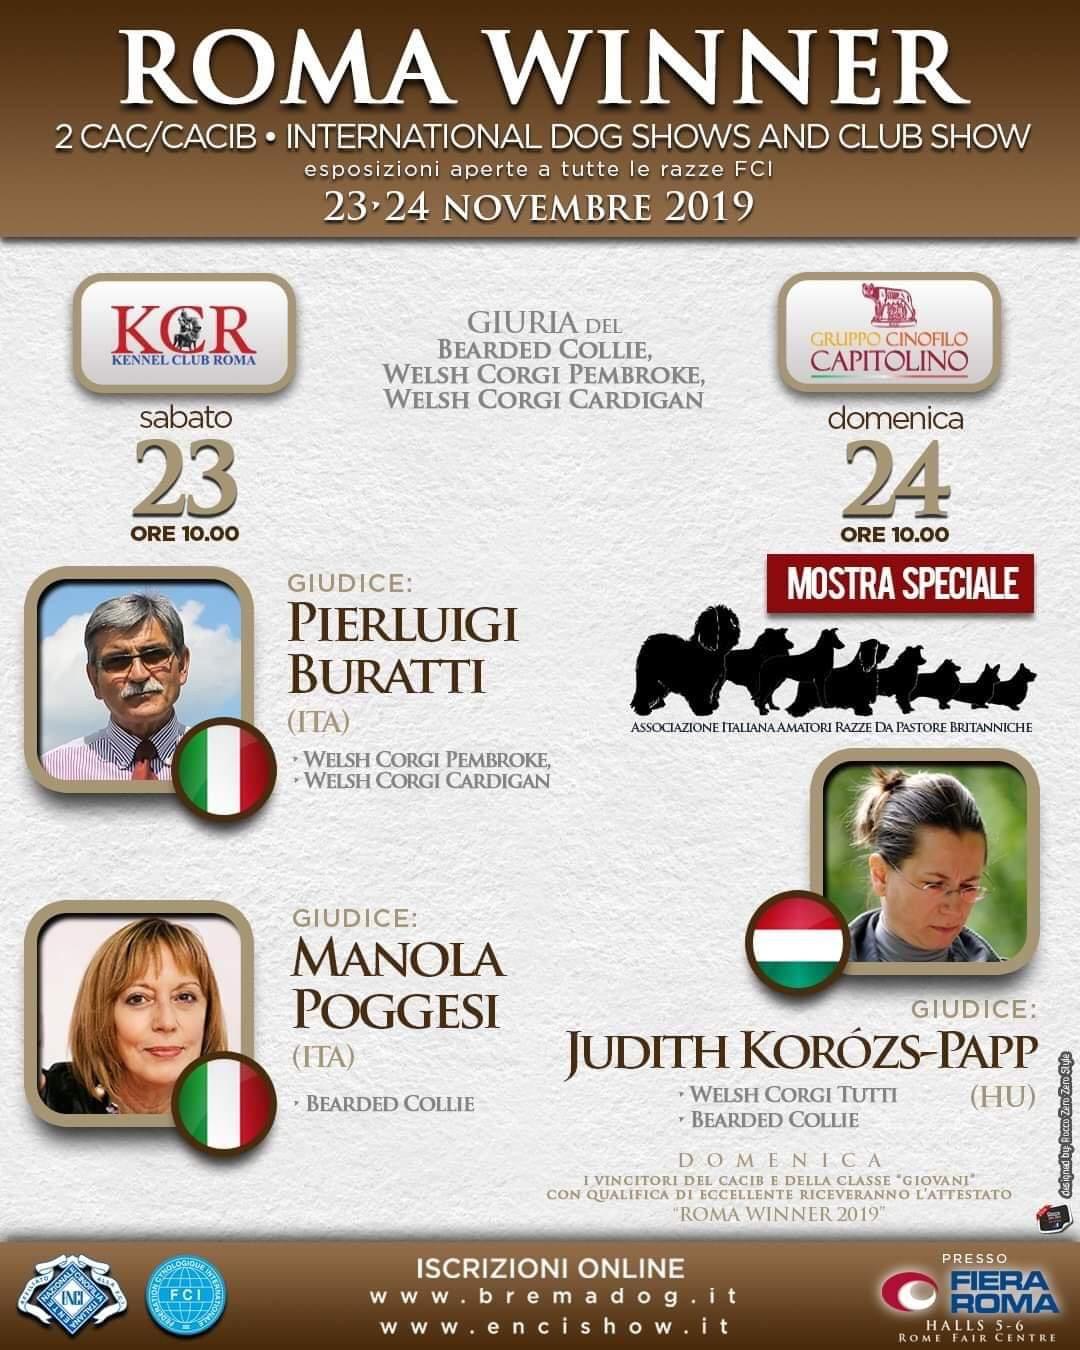 Risultati Esposizioni Internazionali di Roma del 23/24 Novembre 2019